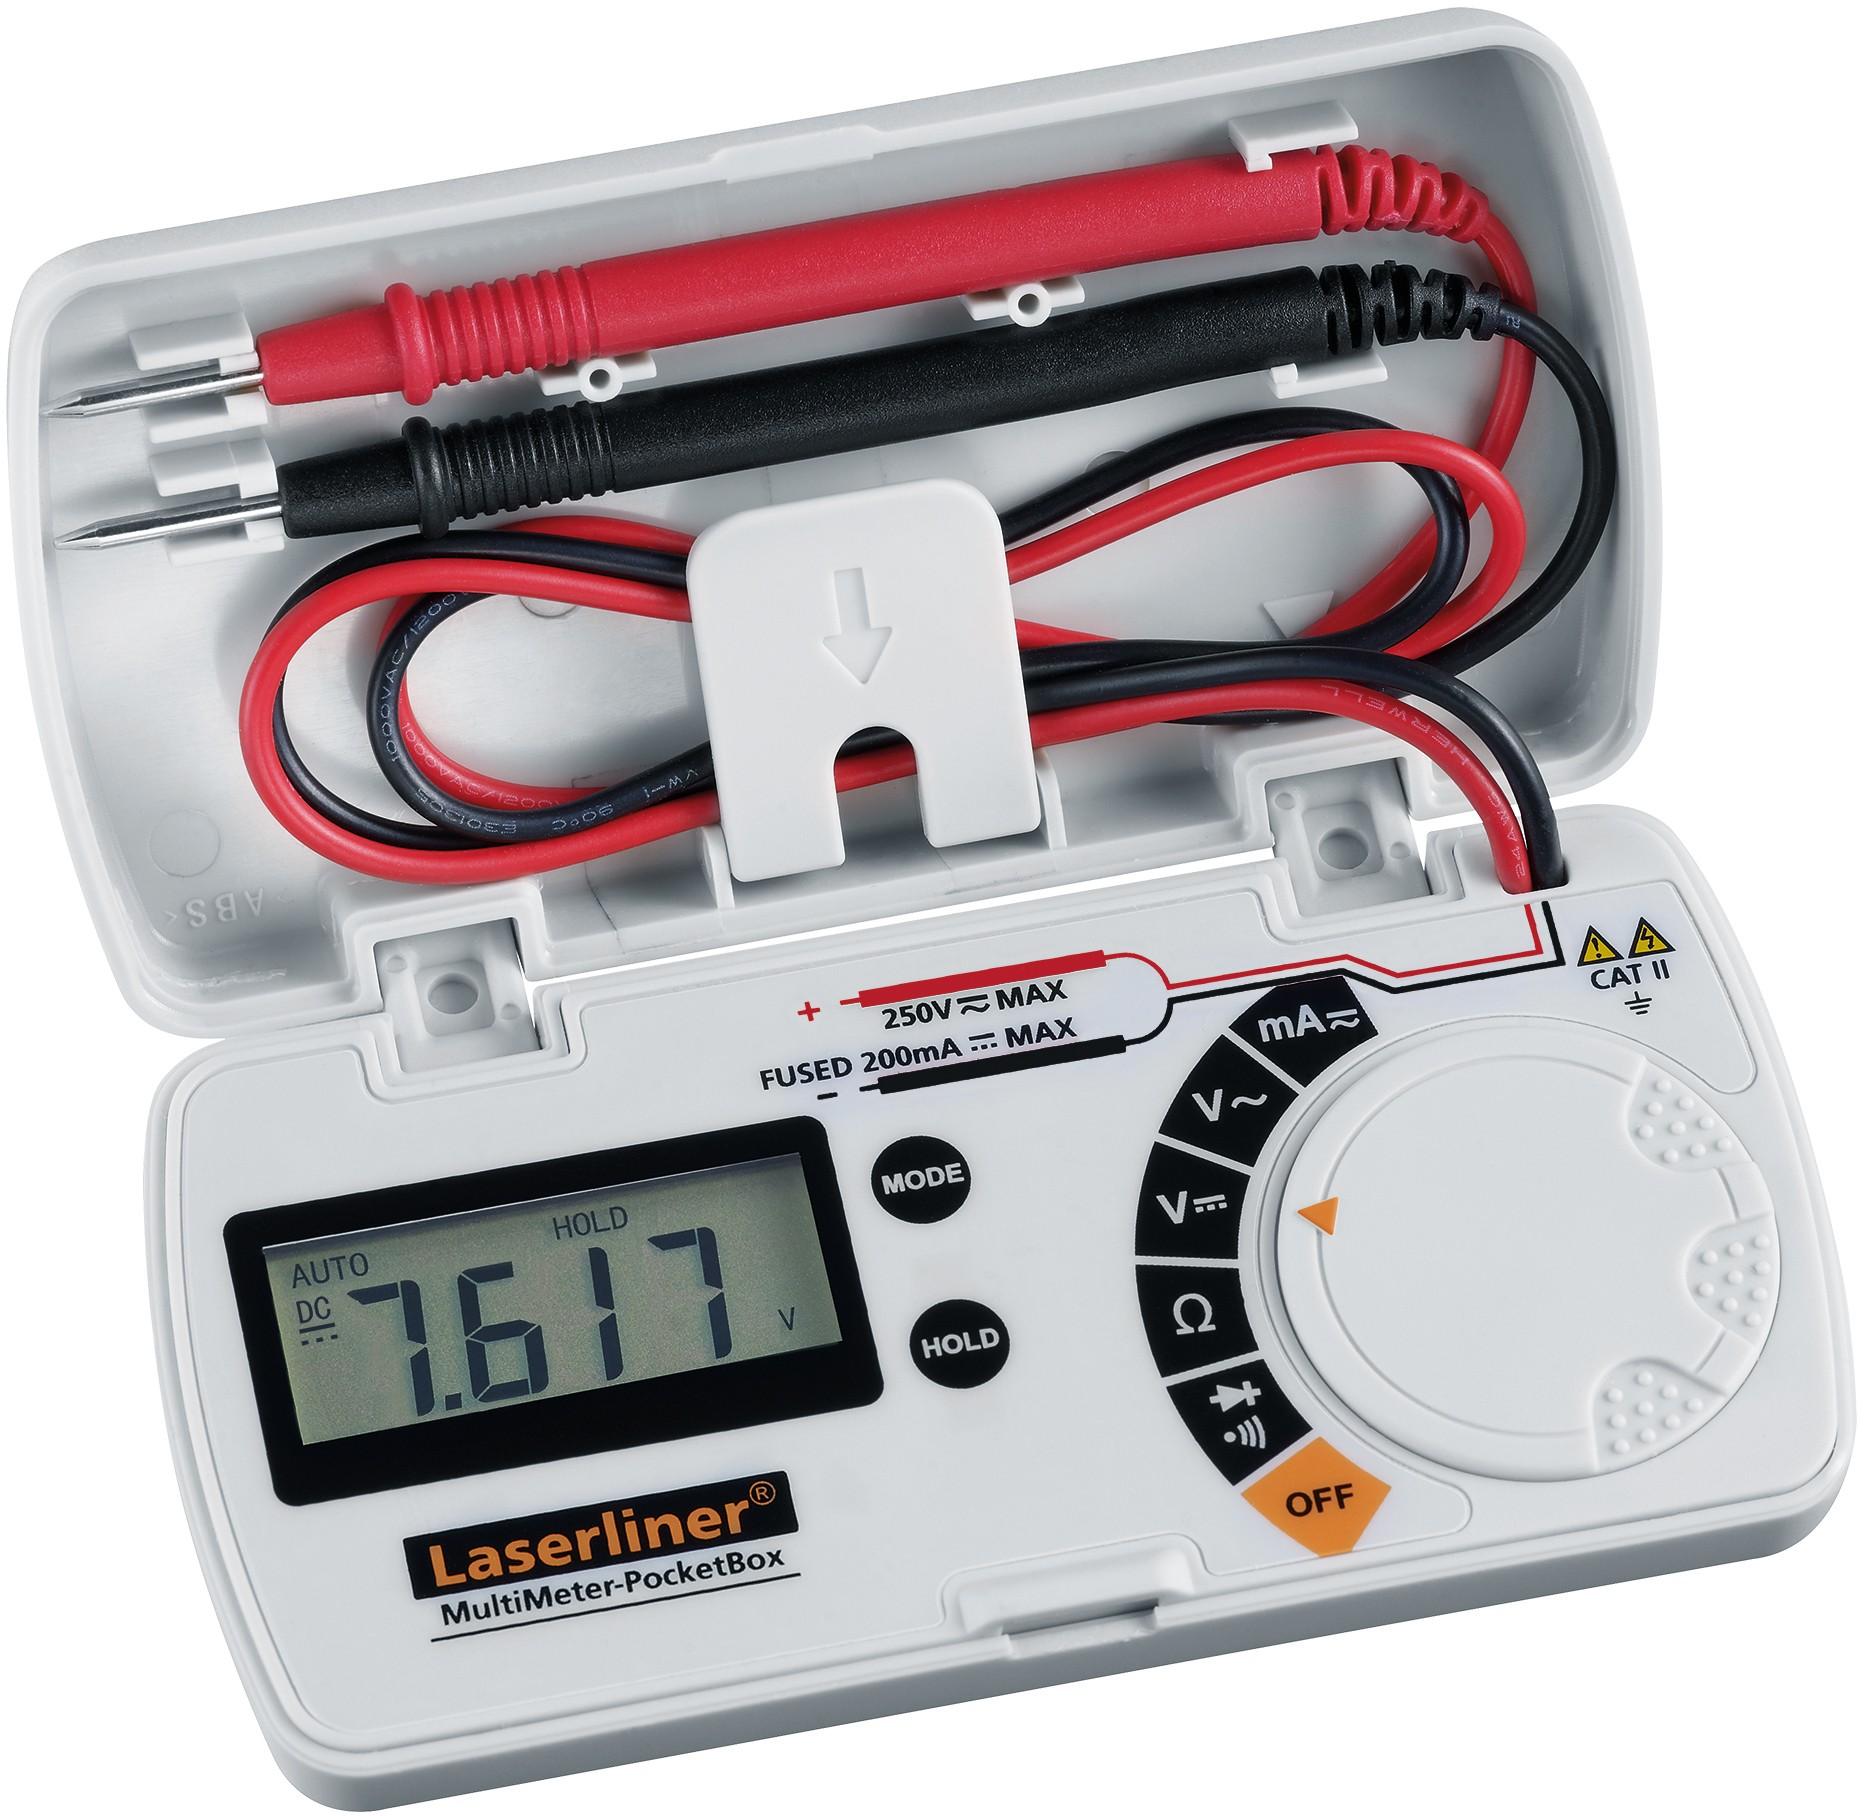 Πολύμετρο MultiMeter PocketBox Laserliner